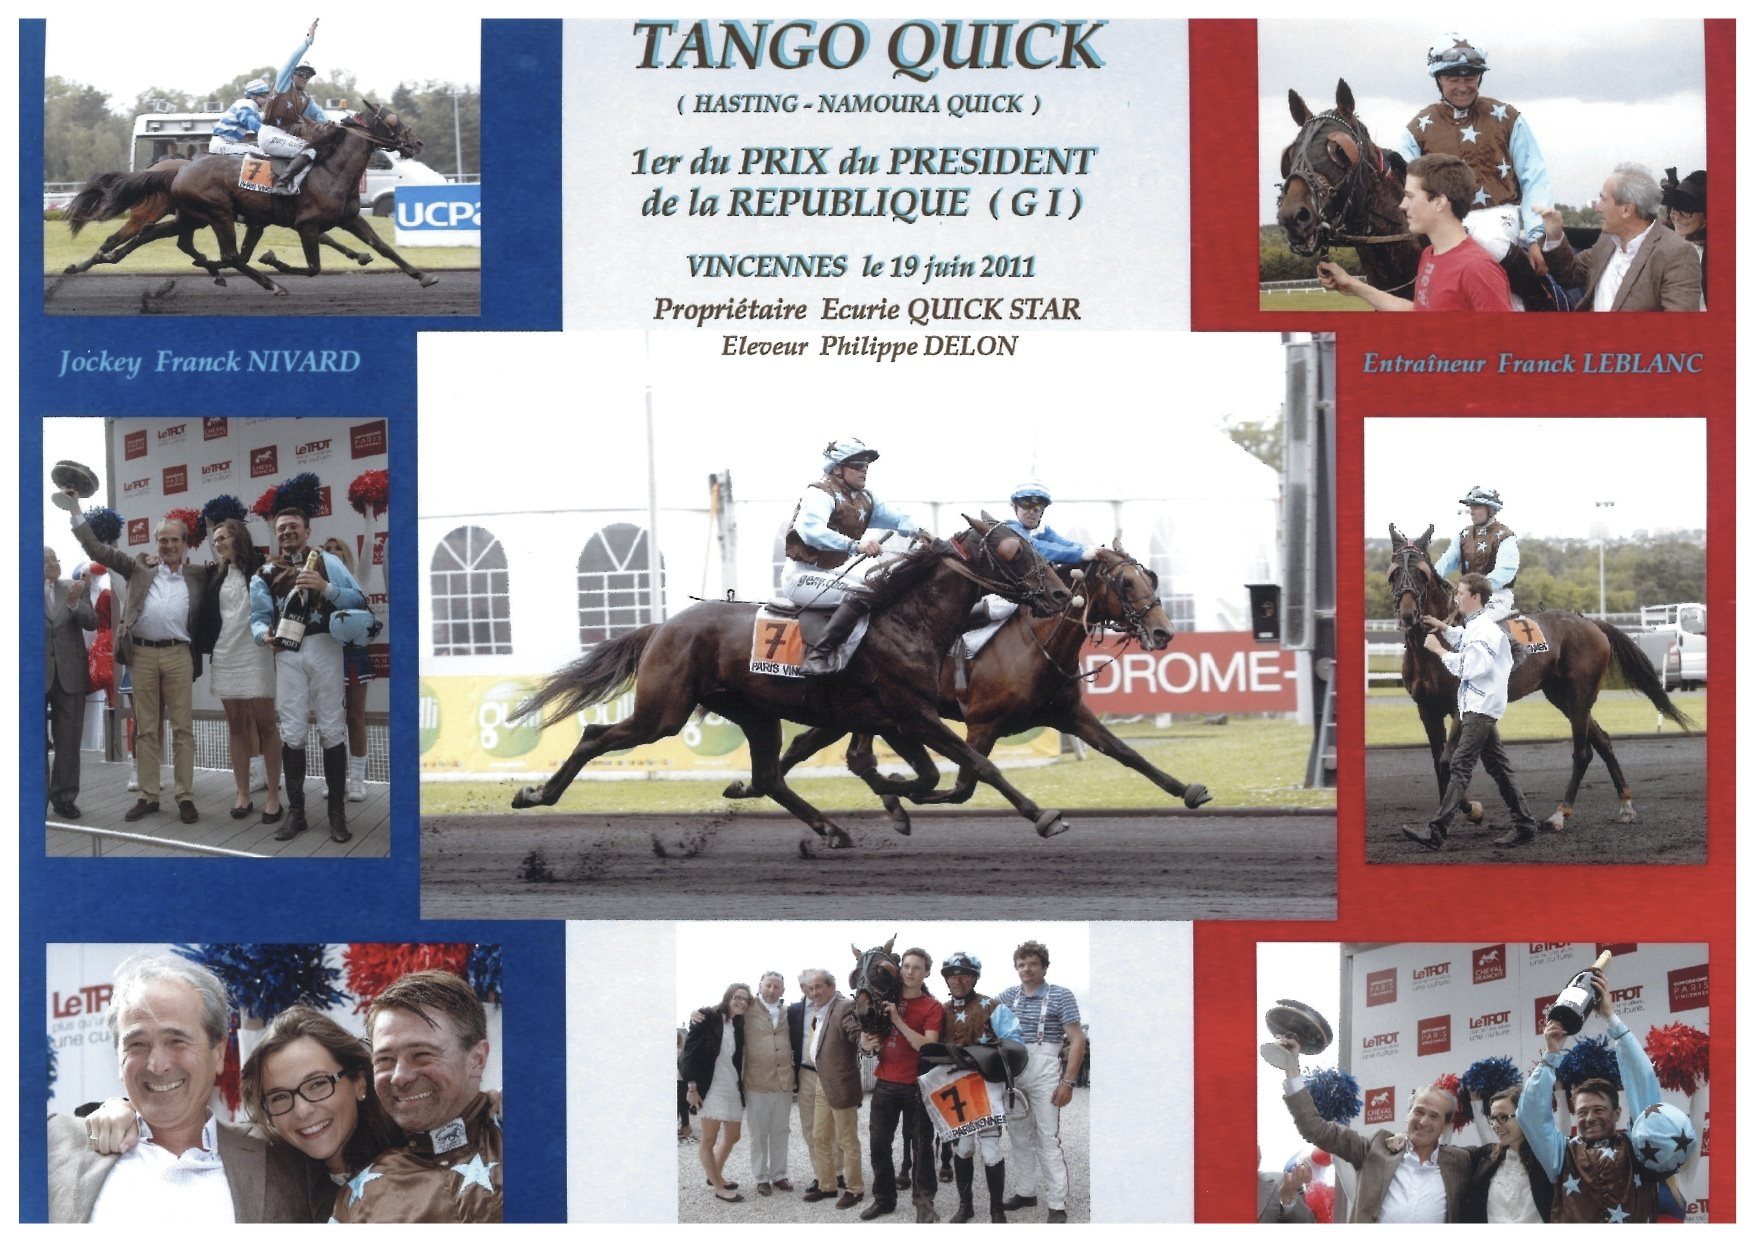 Tango Quick - Prix du Président de la République